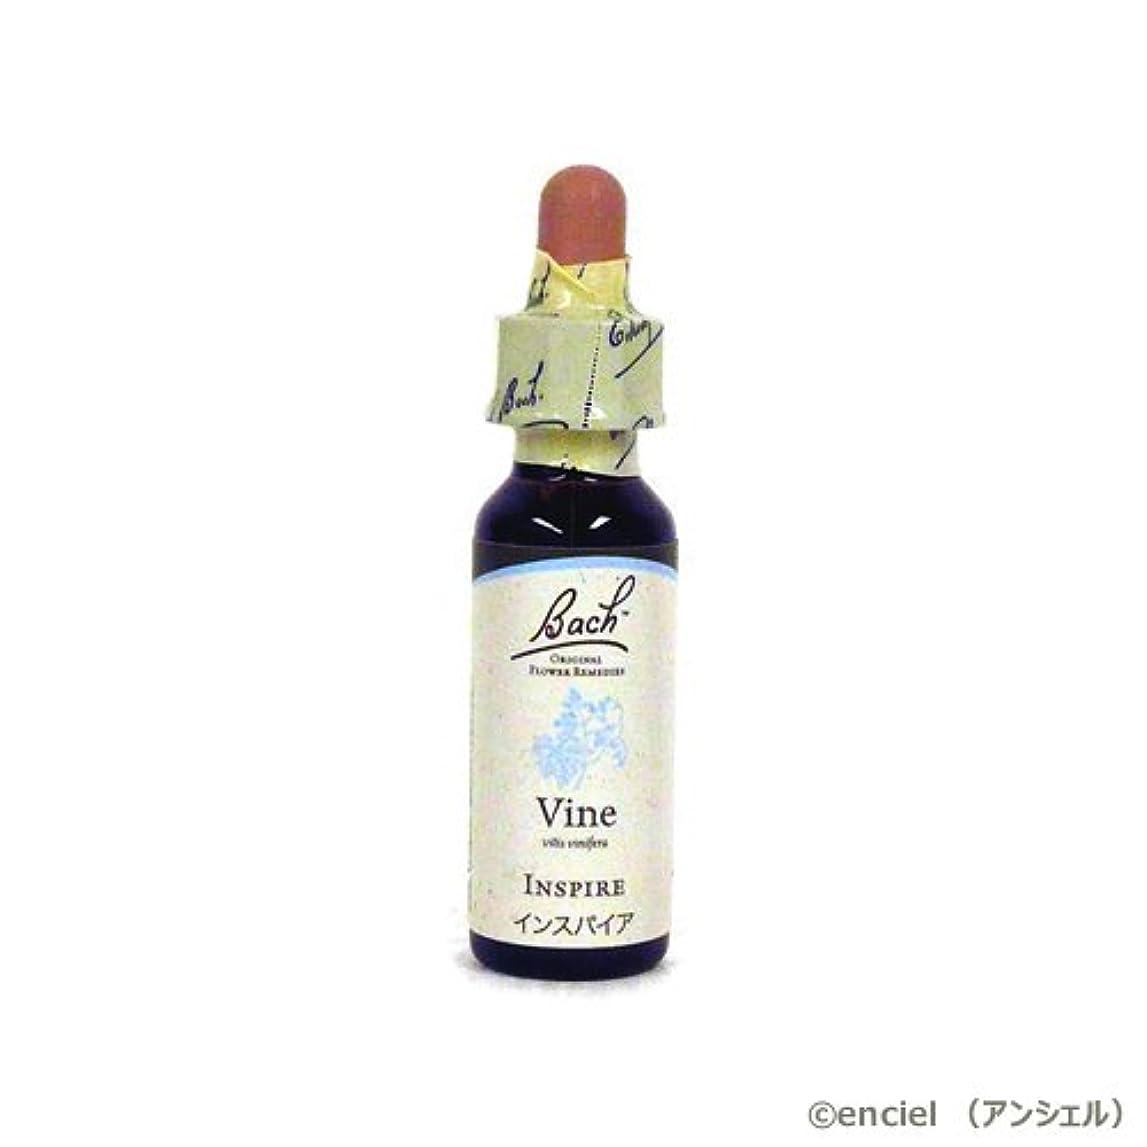 後性交移行バッチフラワー レメディ バイン(VINE) 10ml グリセリンタイプ 日本国内正規品